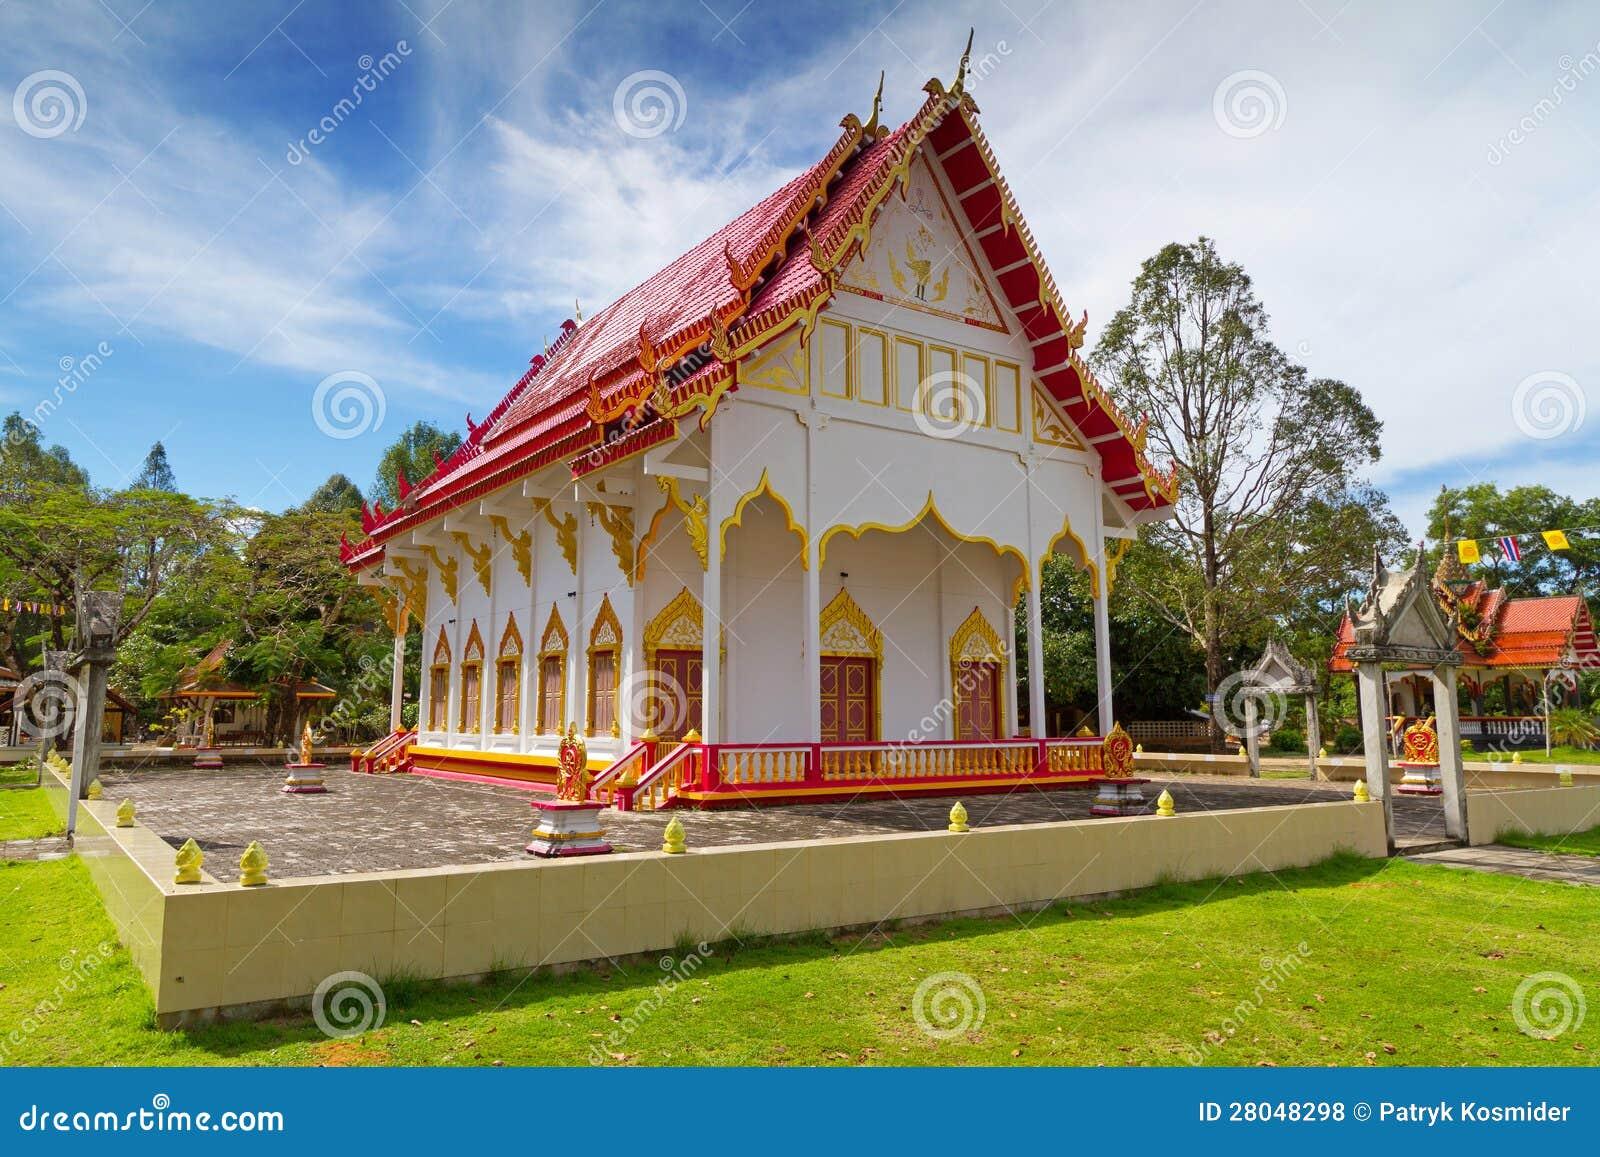 Висок будизма в Таиланде